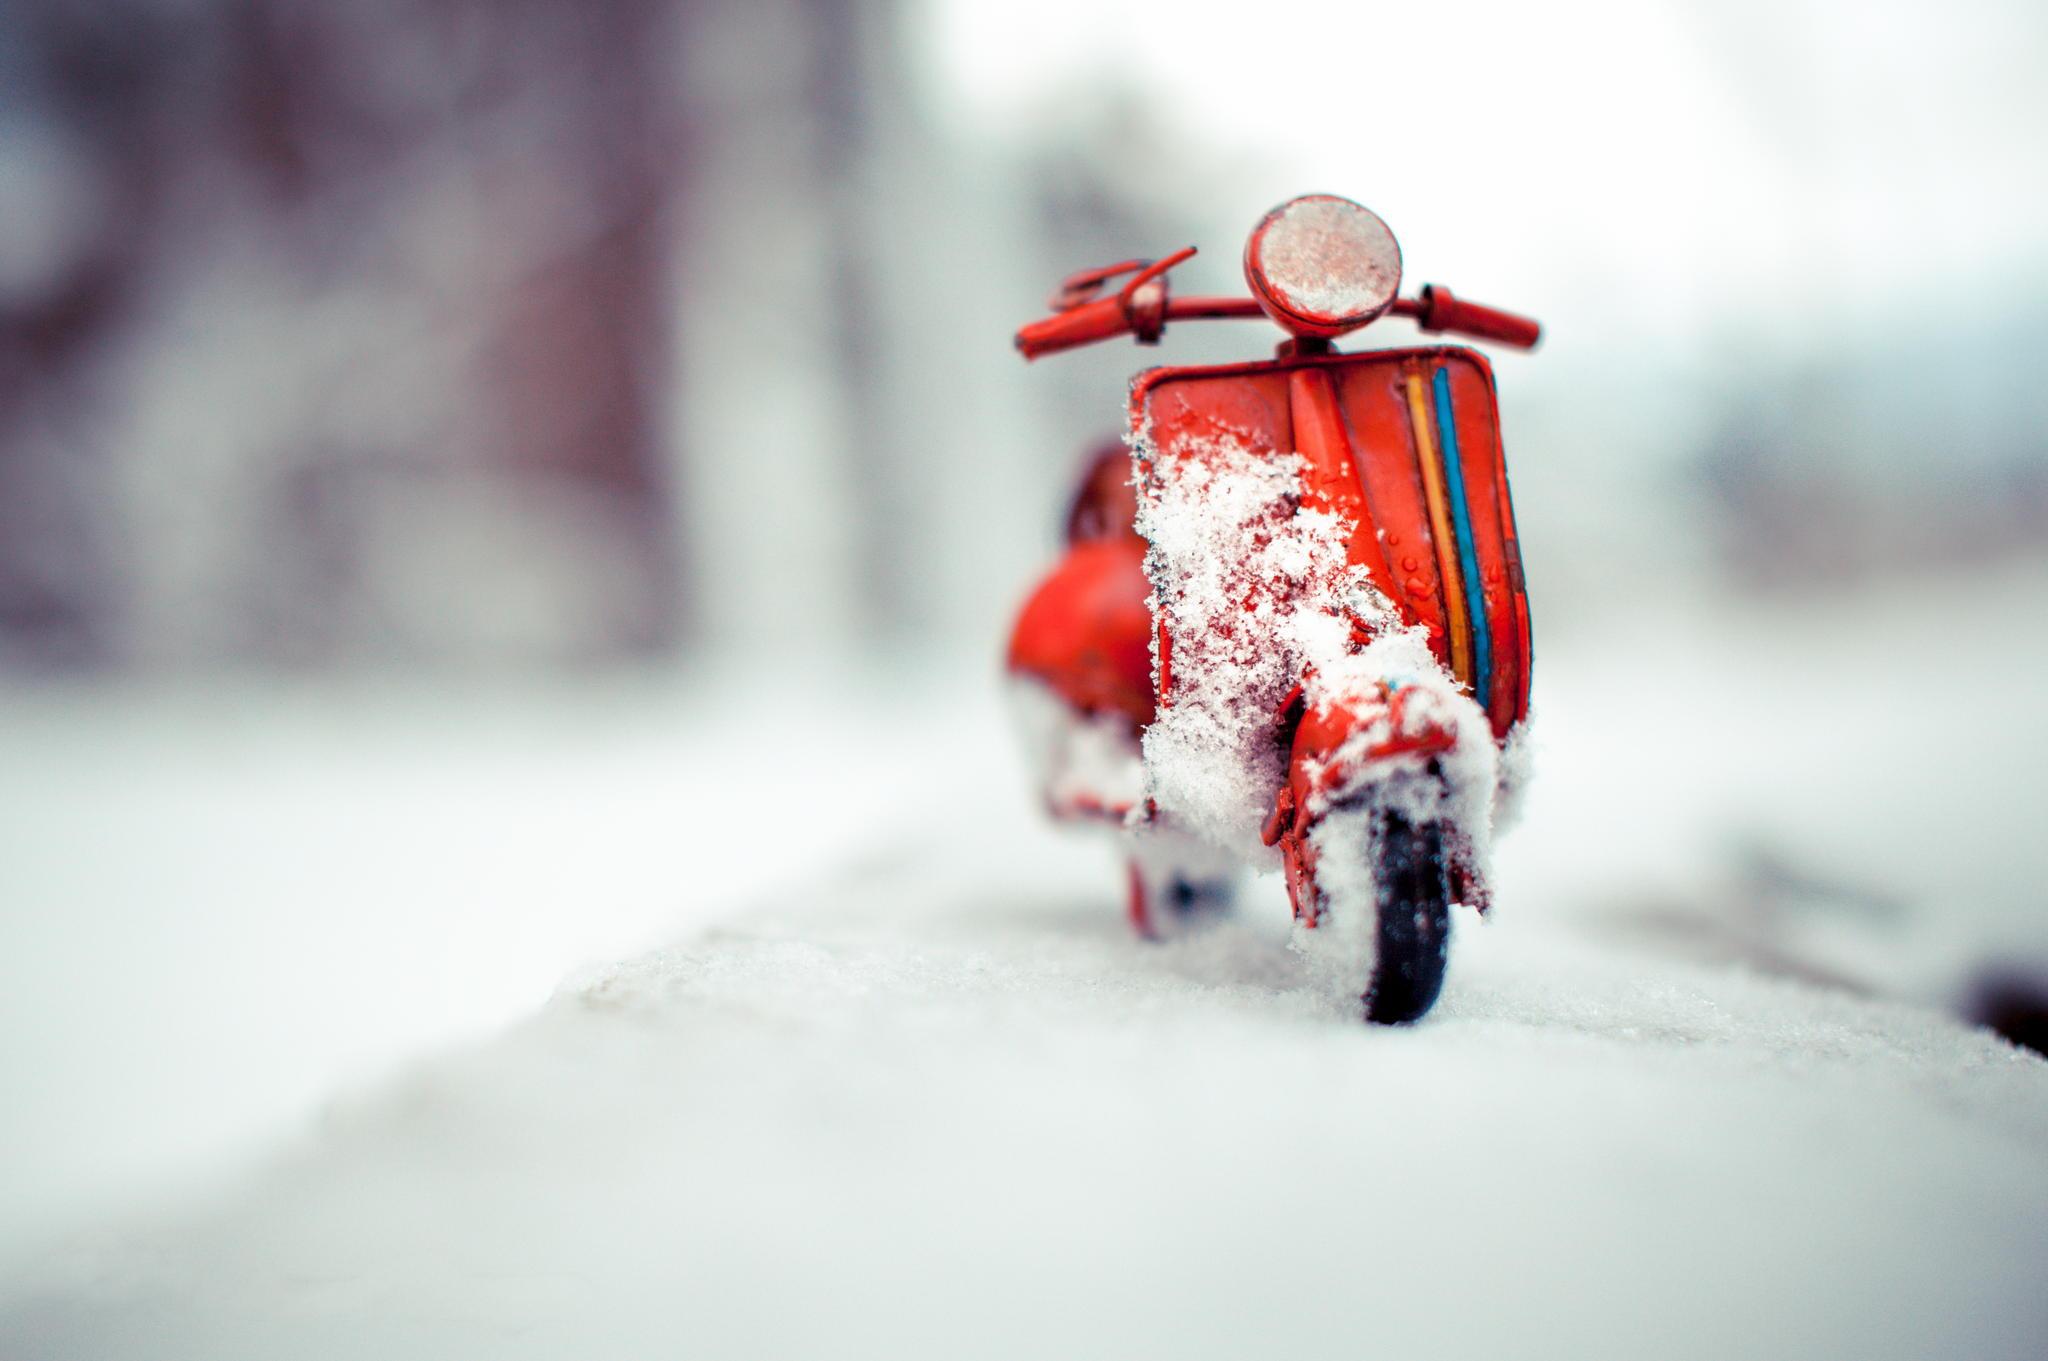 мотоцикл снег красный  № 778019 бесплатно